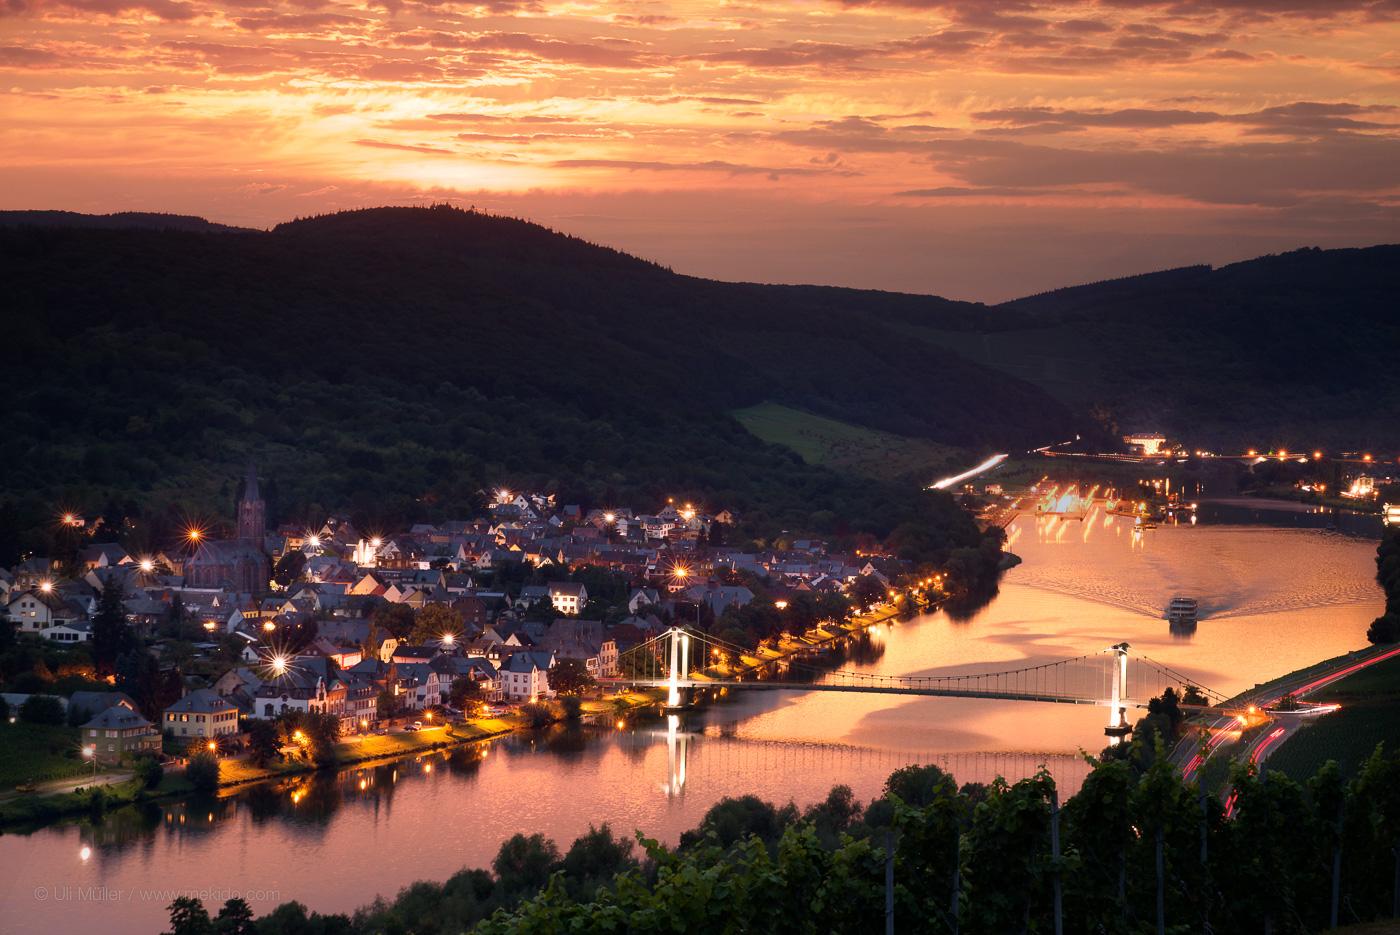 Landschaftsfoto für die Touristik-Werbung von Wehlen an der Mosel, mit Brücke im Sonnenuntergang, von oberhalb Grach gesehen